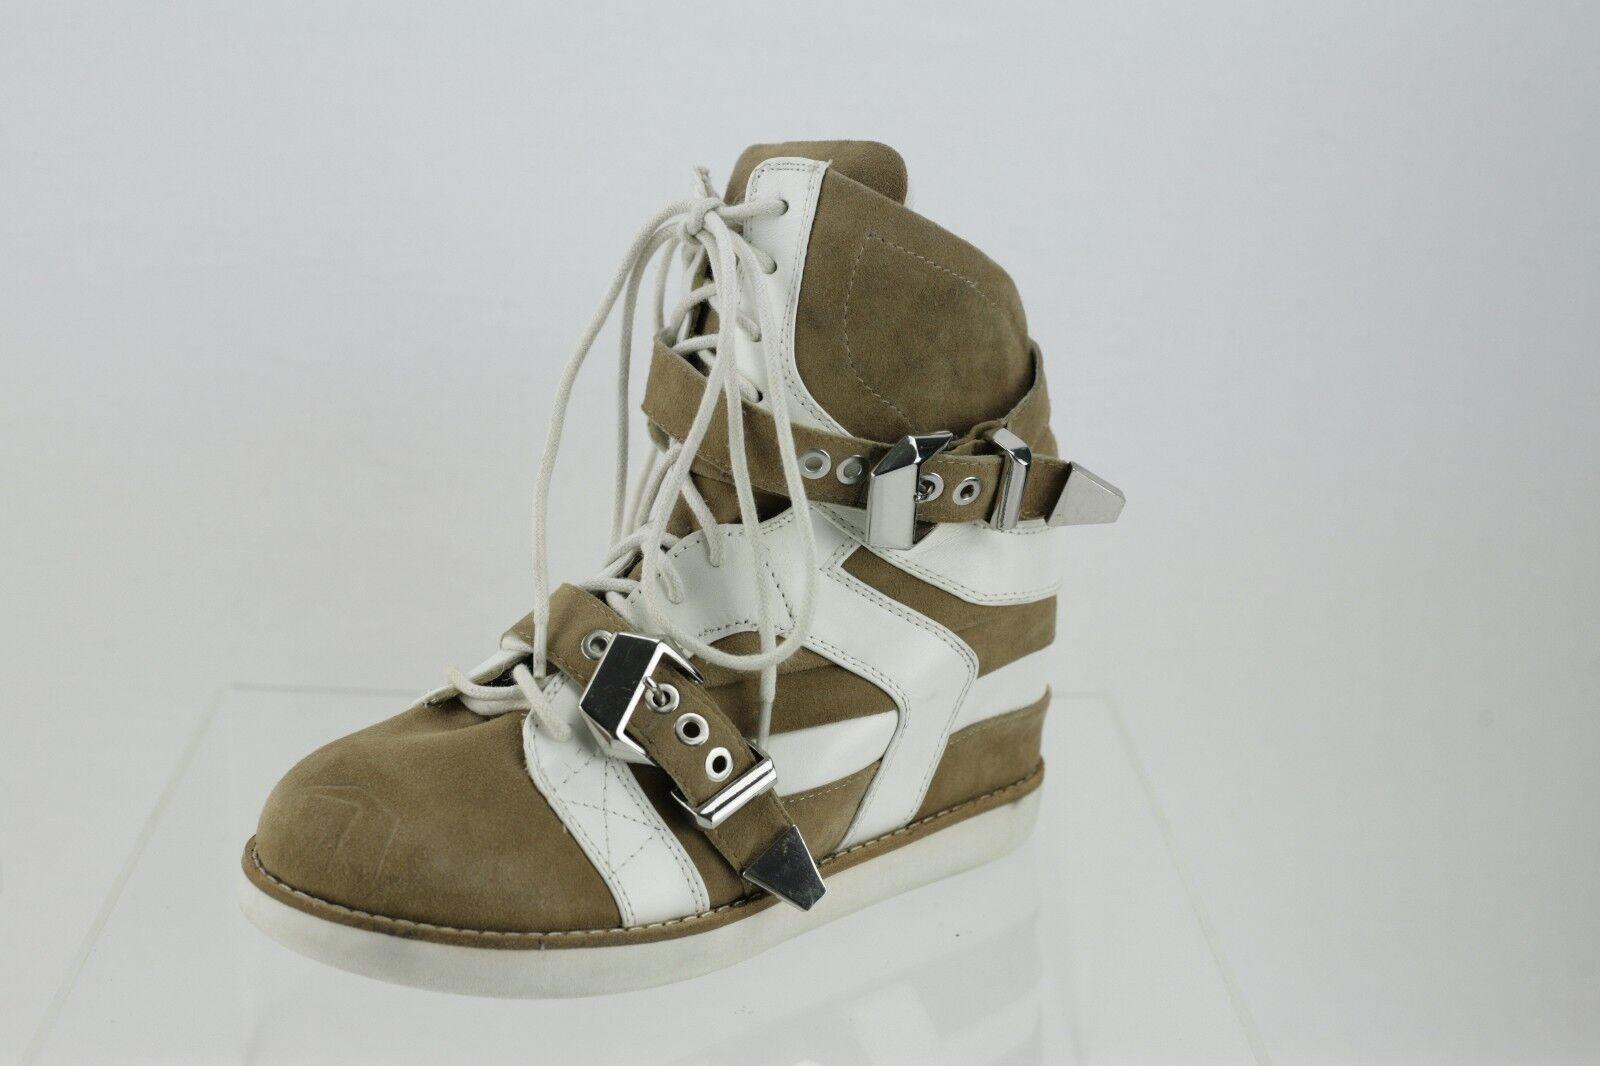 Jeffrey Campbel Beige Wedge Snekers Women's shoes Size 8 M NEW